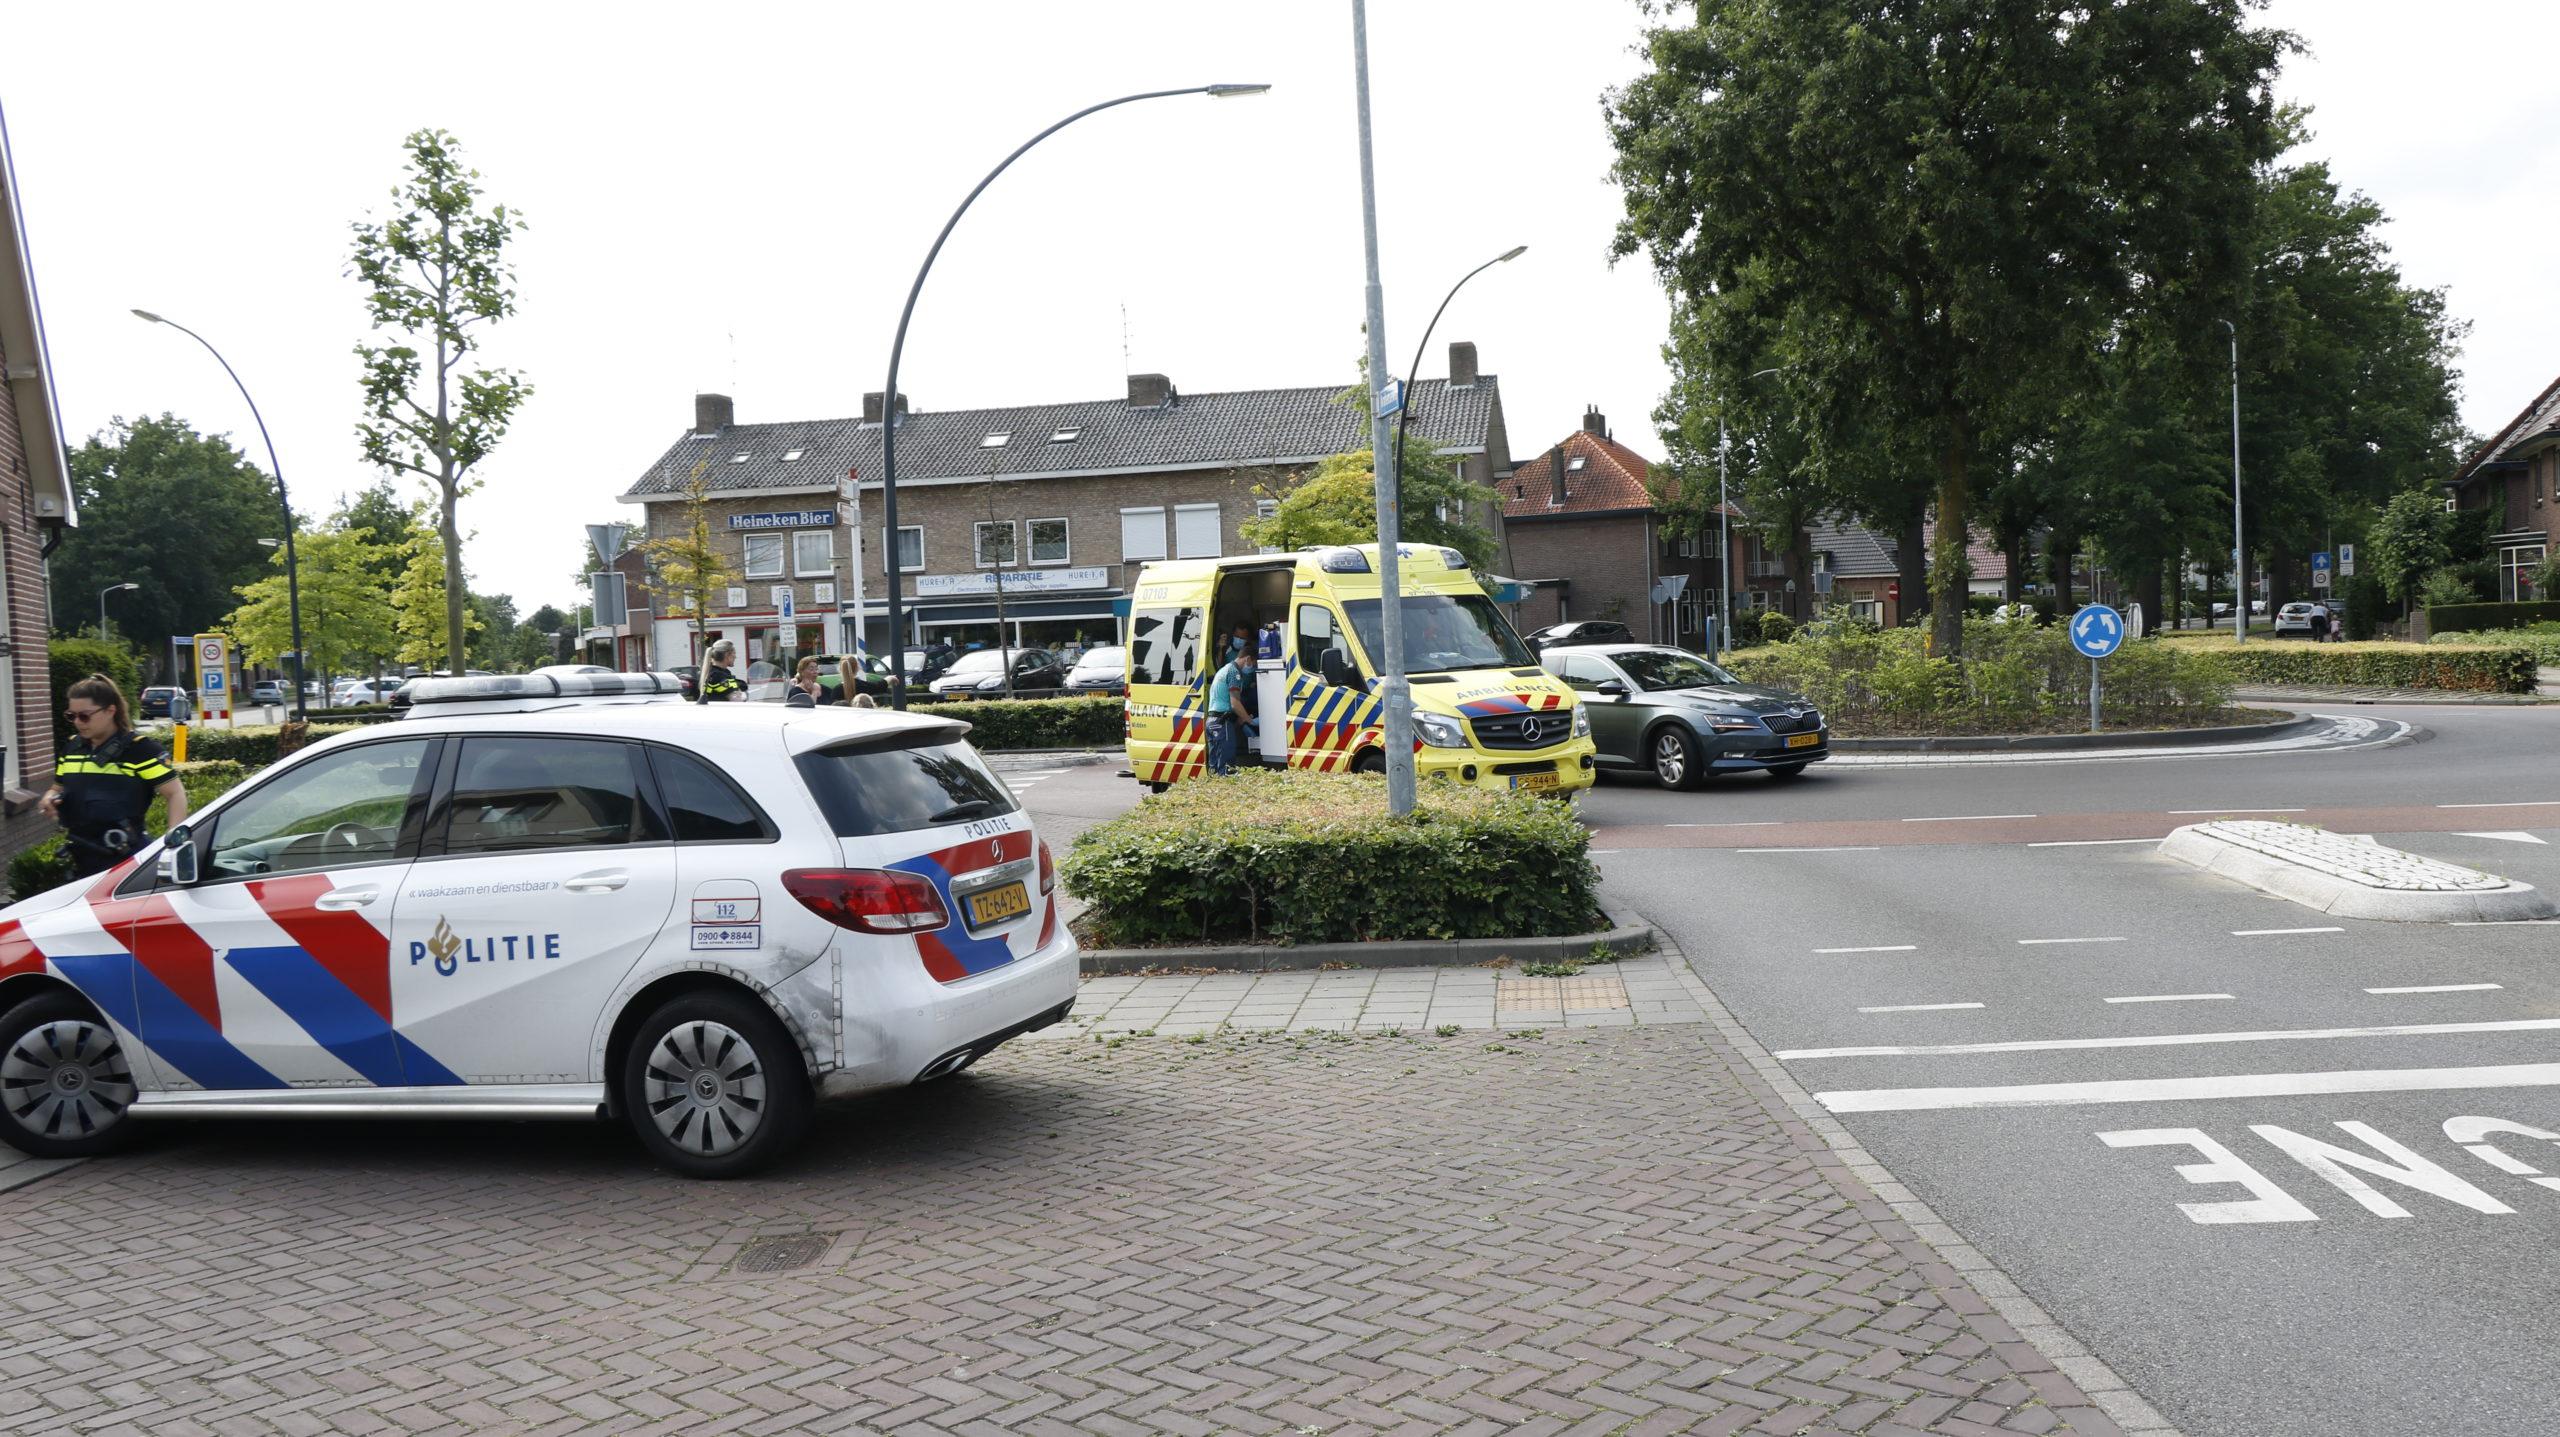 Passagiere scooter gewond bij aanrijding met auto.